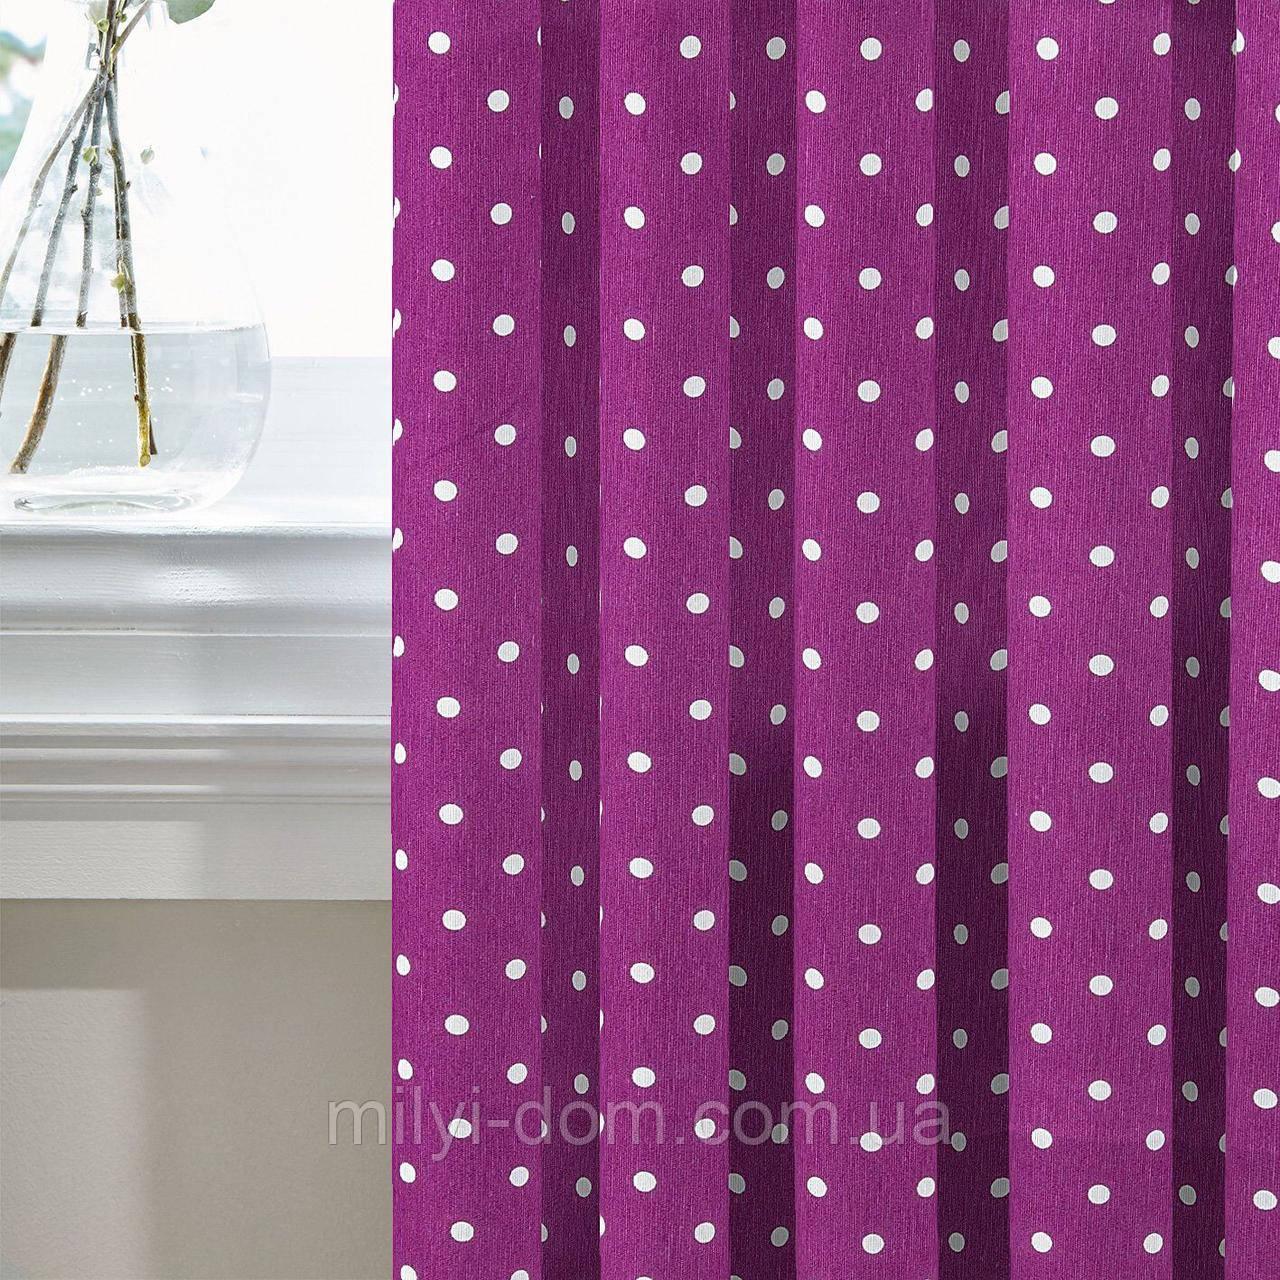 Комплект Штор в детскую Испания TOPS Тёмно-Розовый, арт. MG-131210, 170*135 см